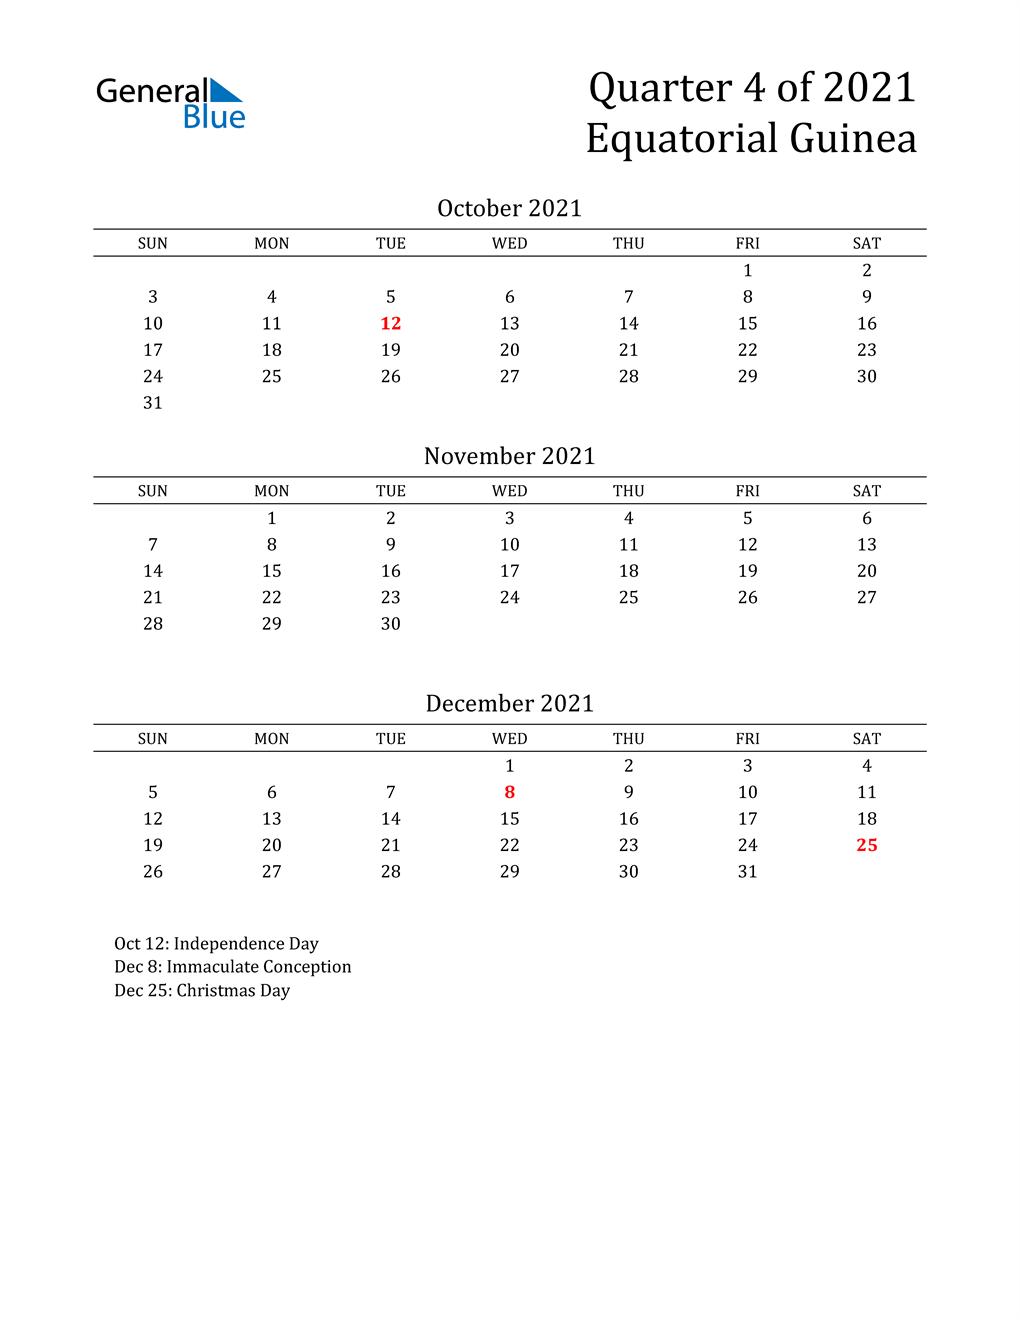 2021 Equatorial Guinea Quarterly Calendar